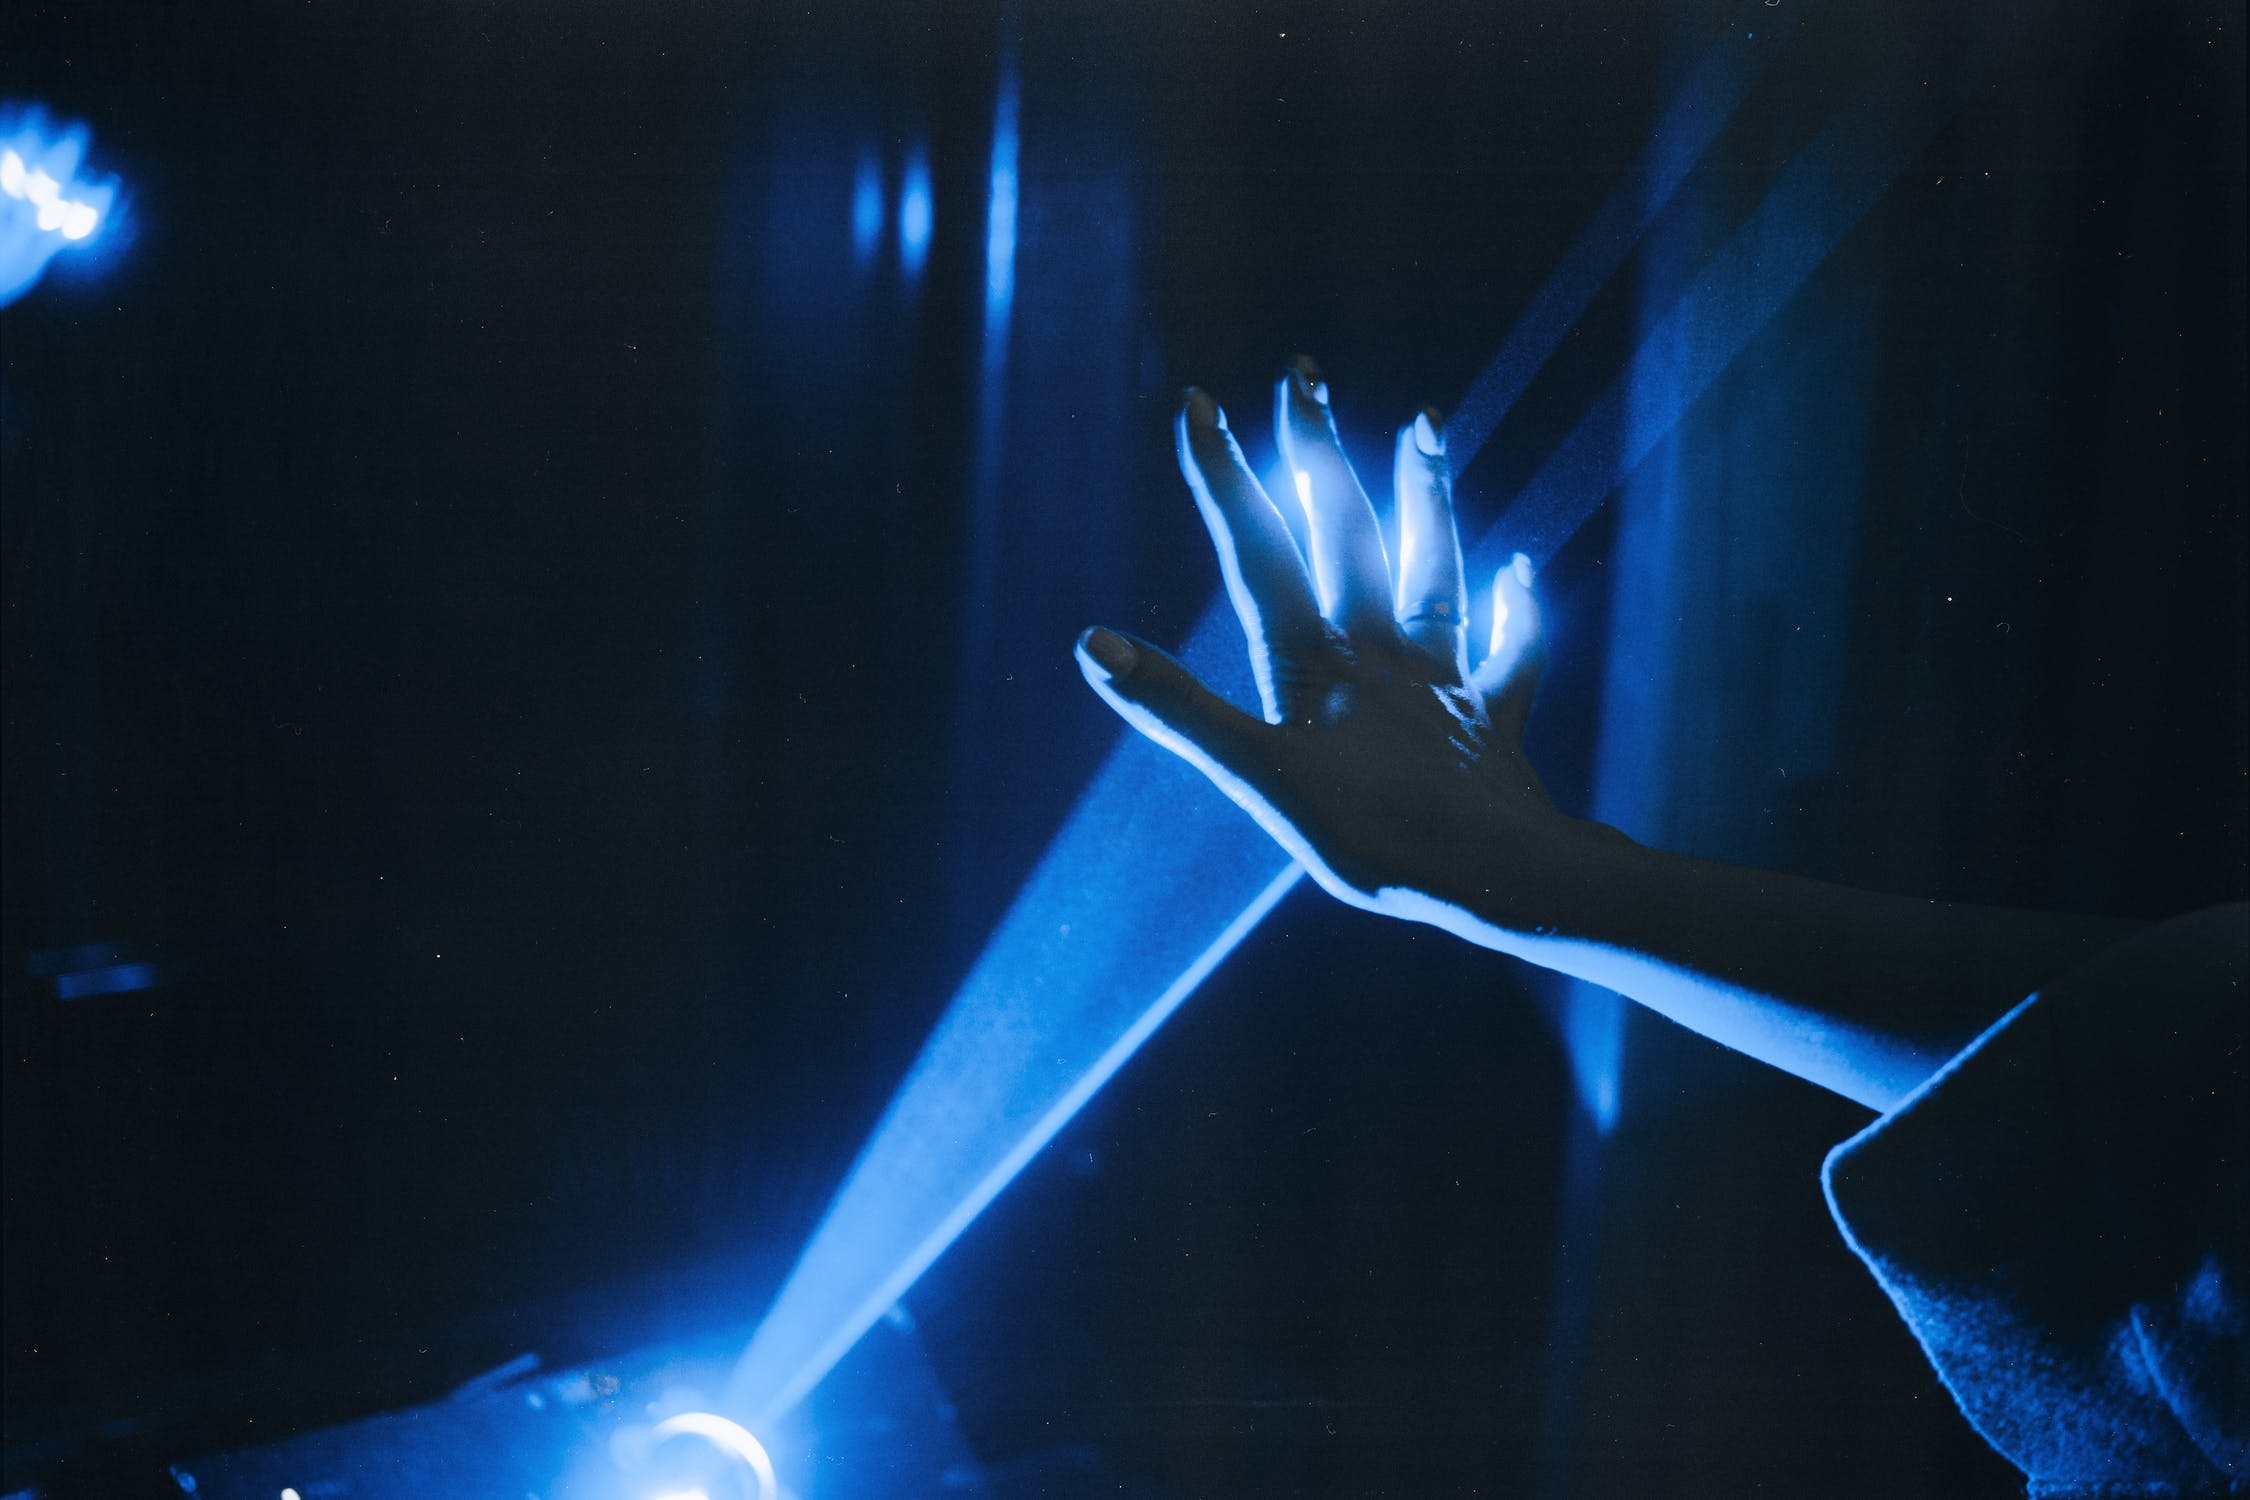 blue laser